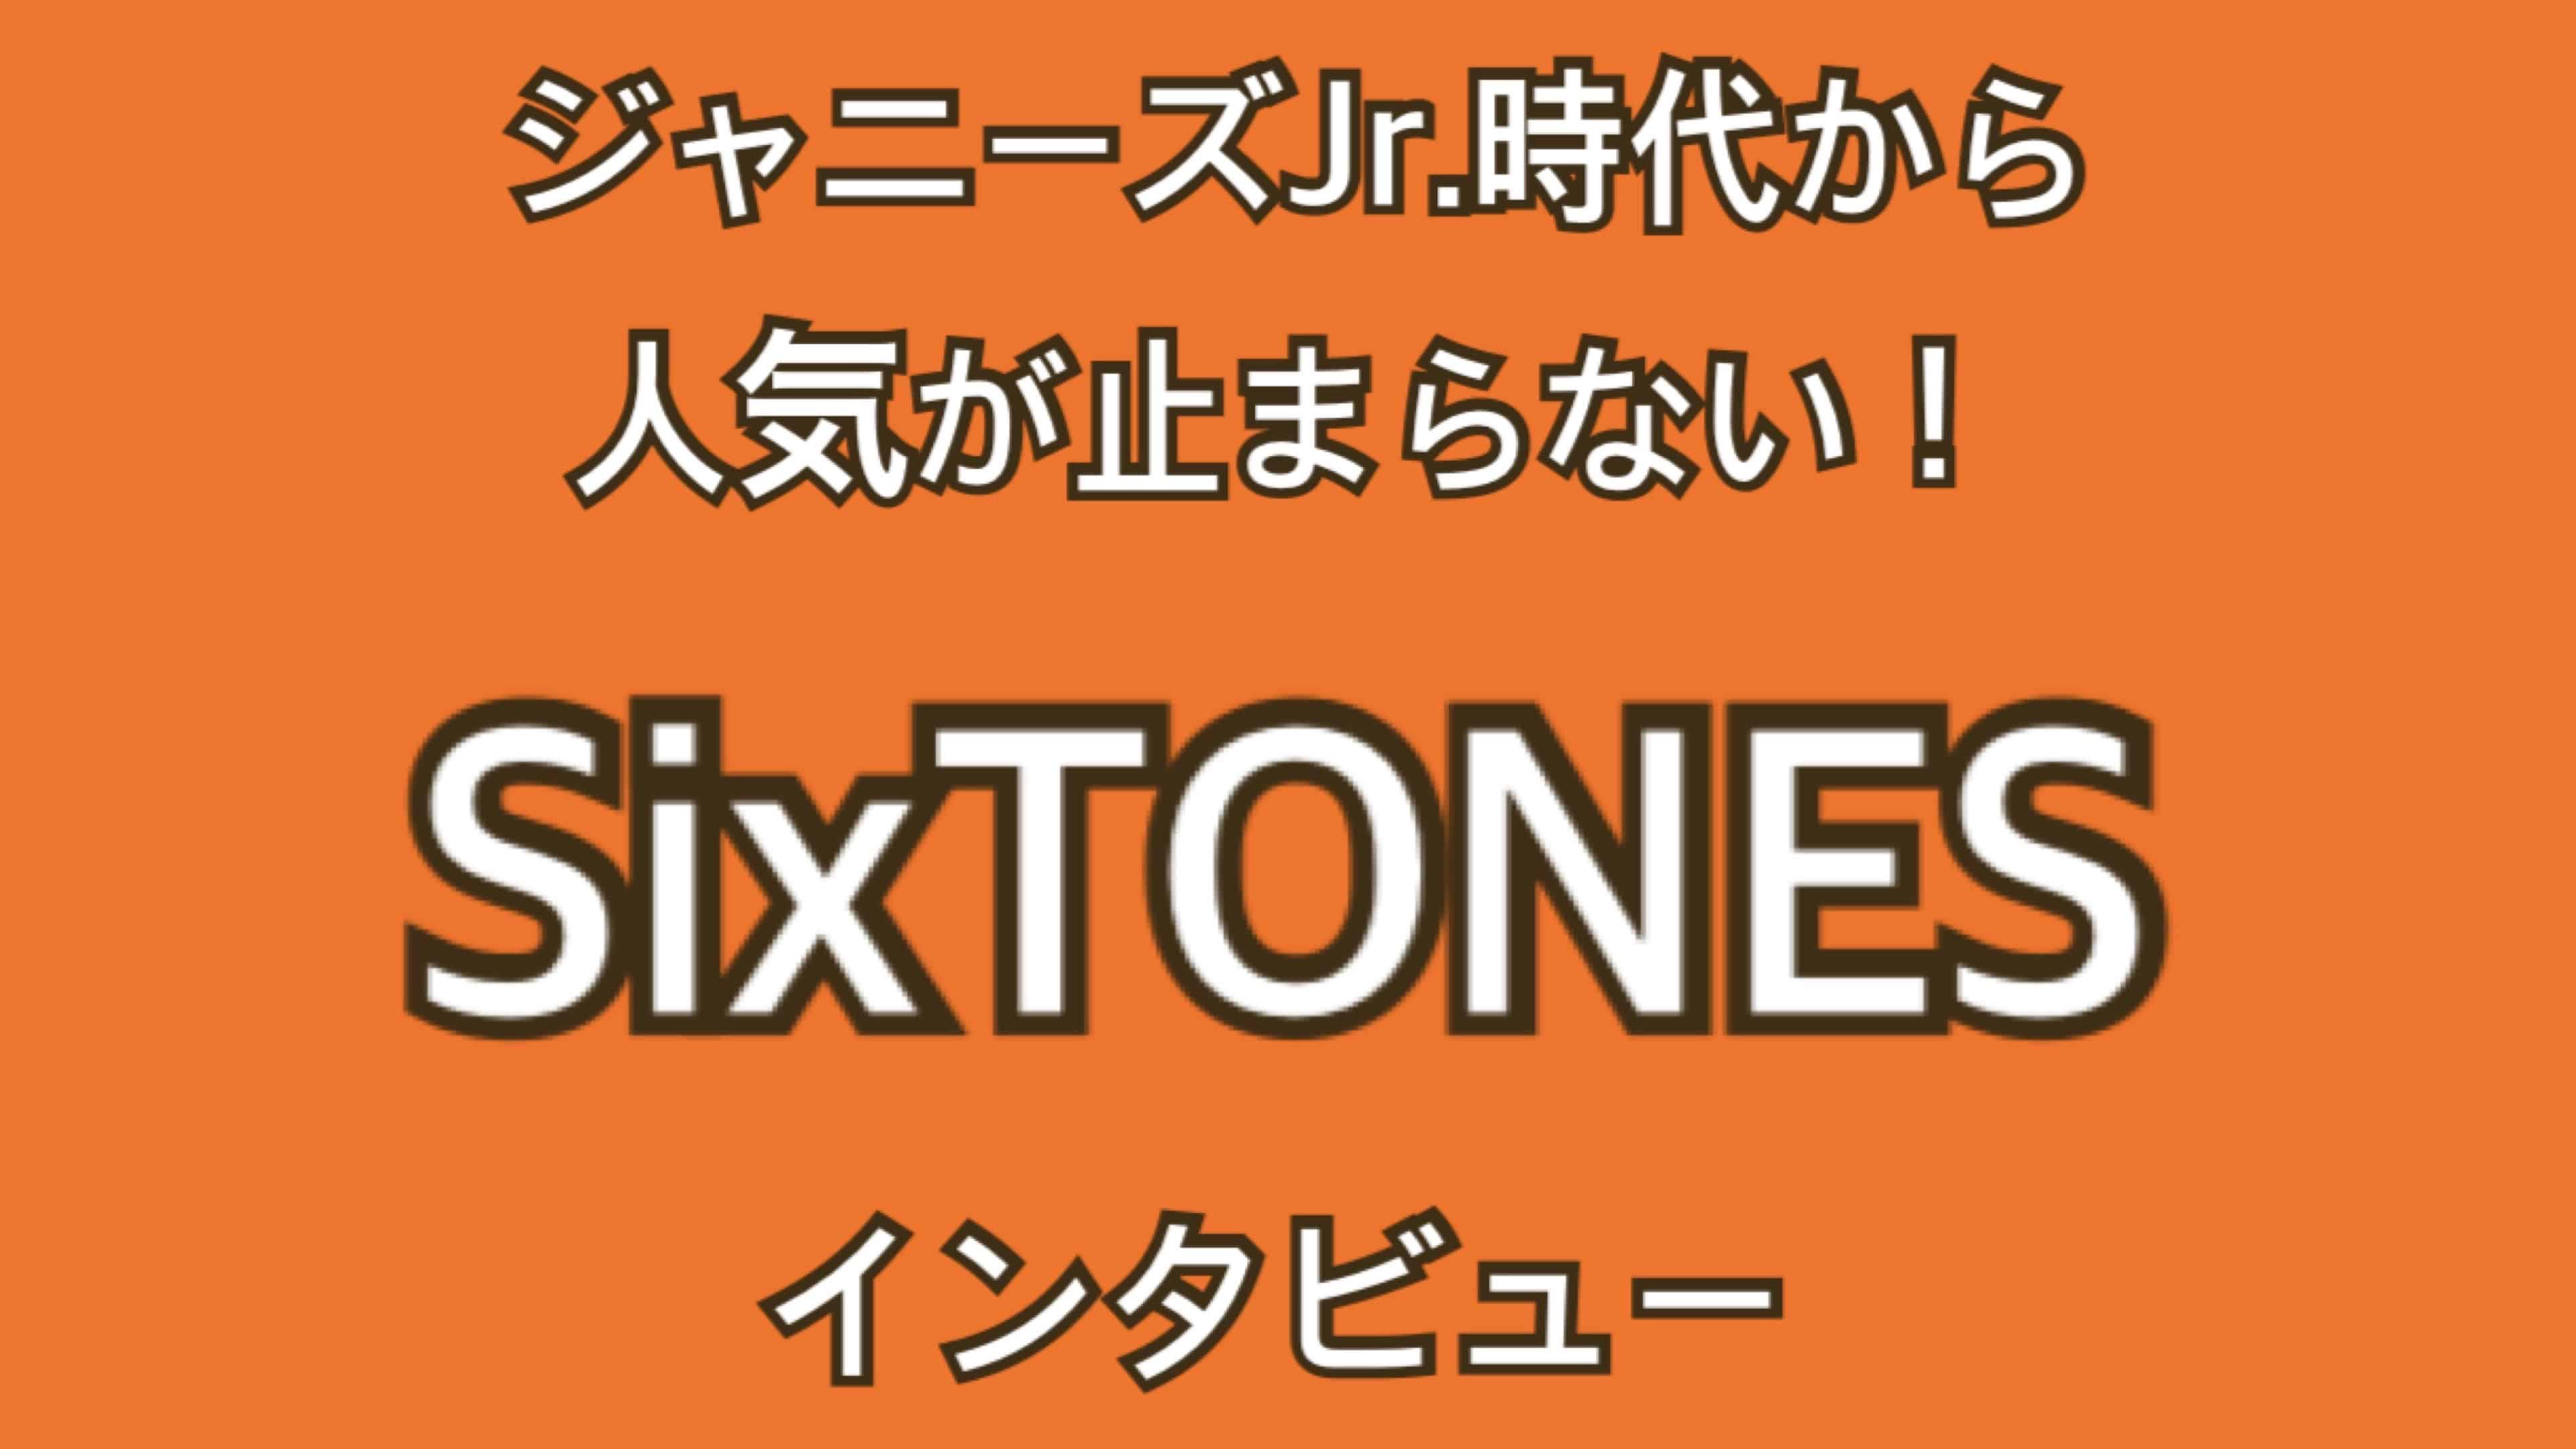 Sixtones ジャニーズ ネット